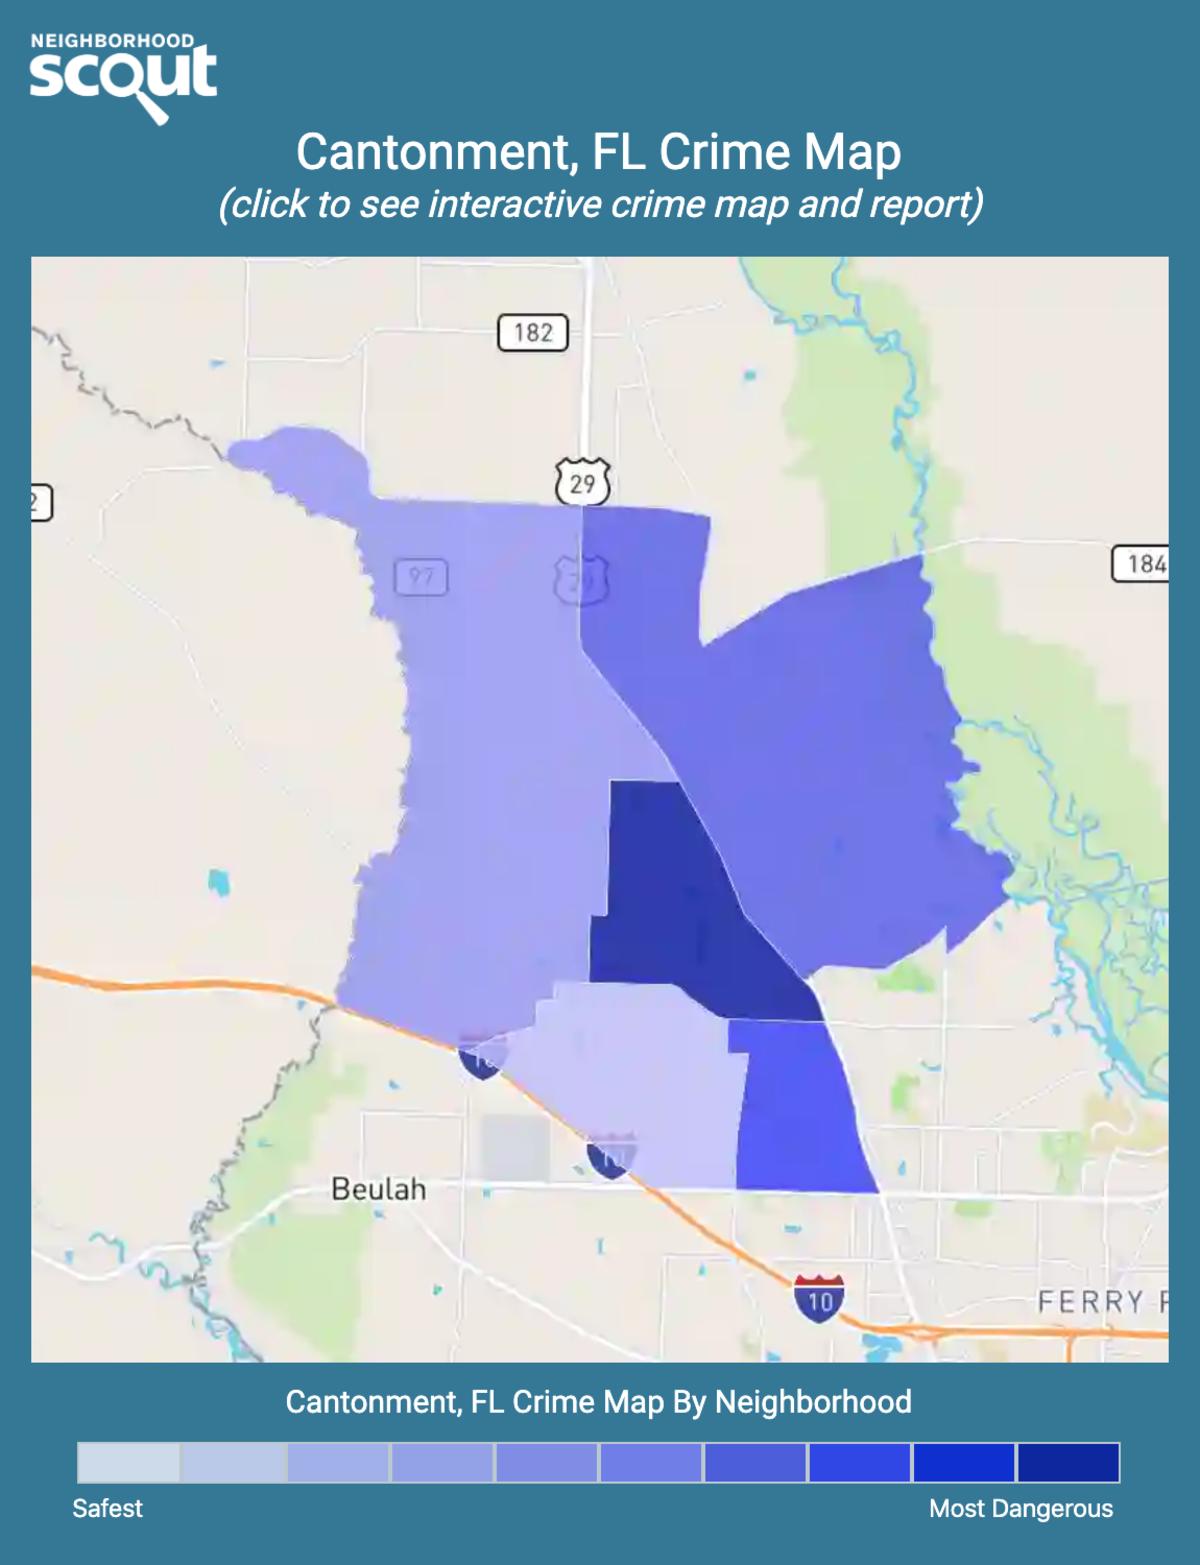 Cantonment, Florida crime map